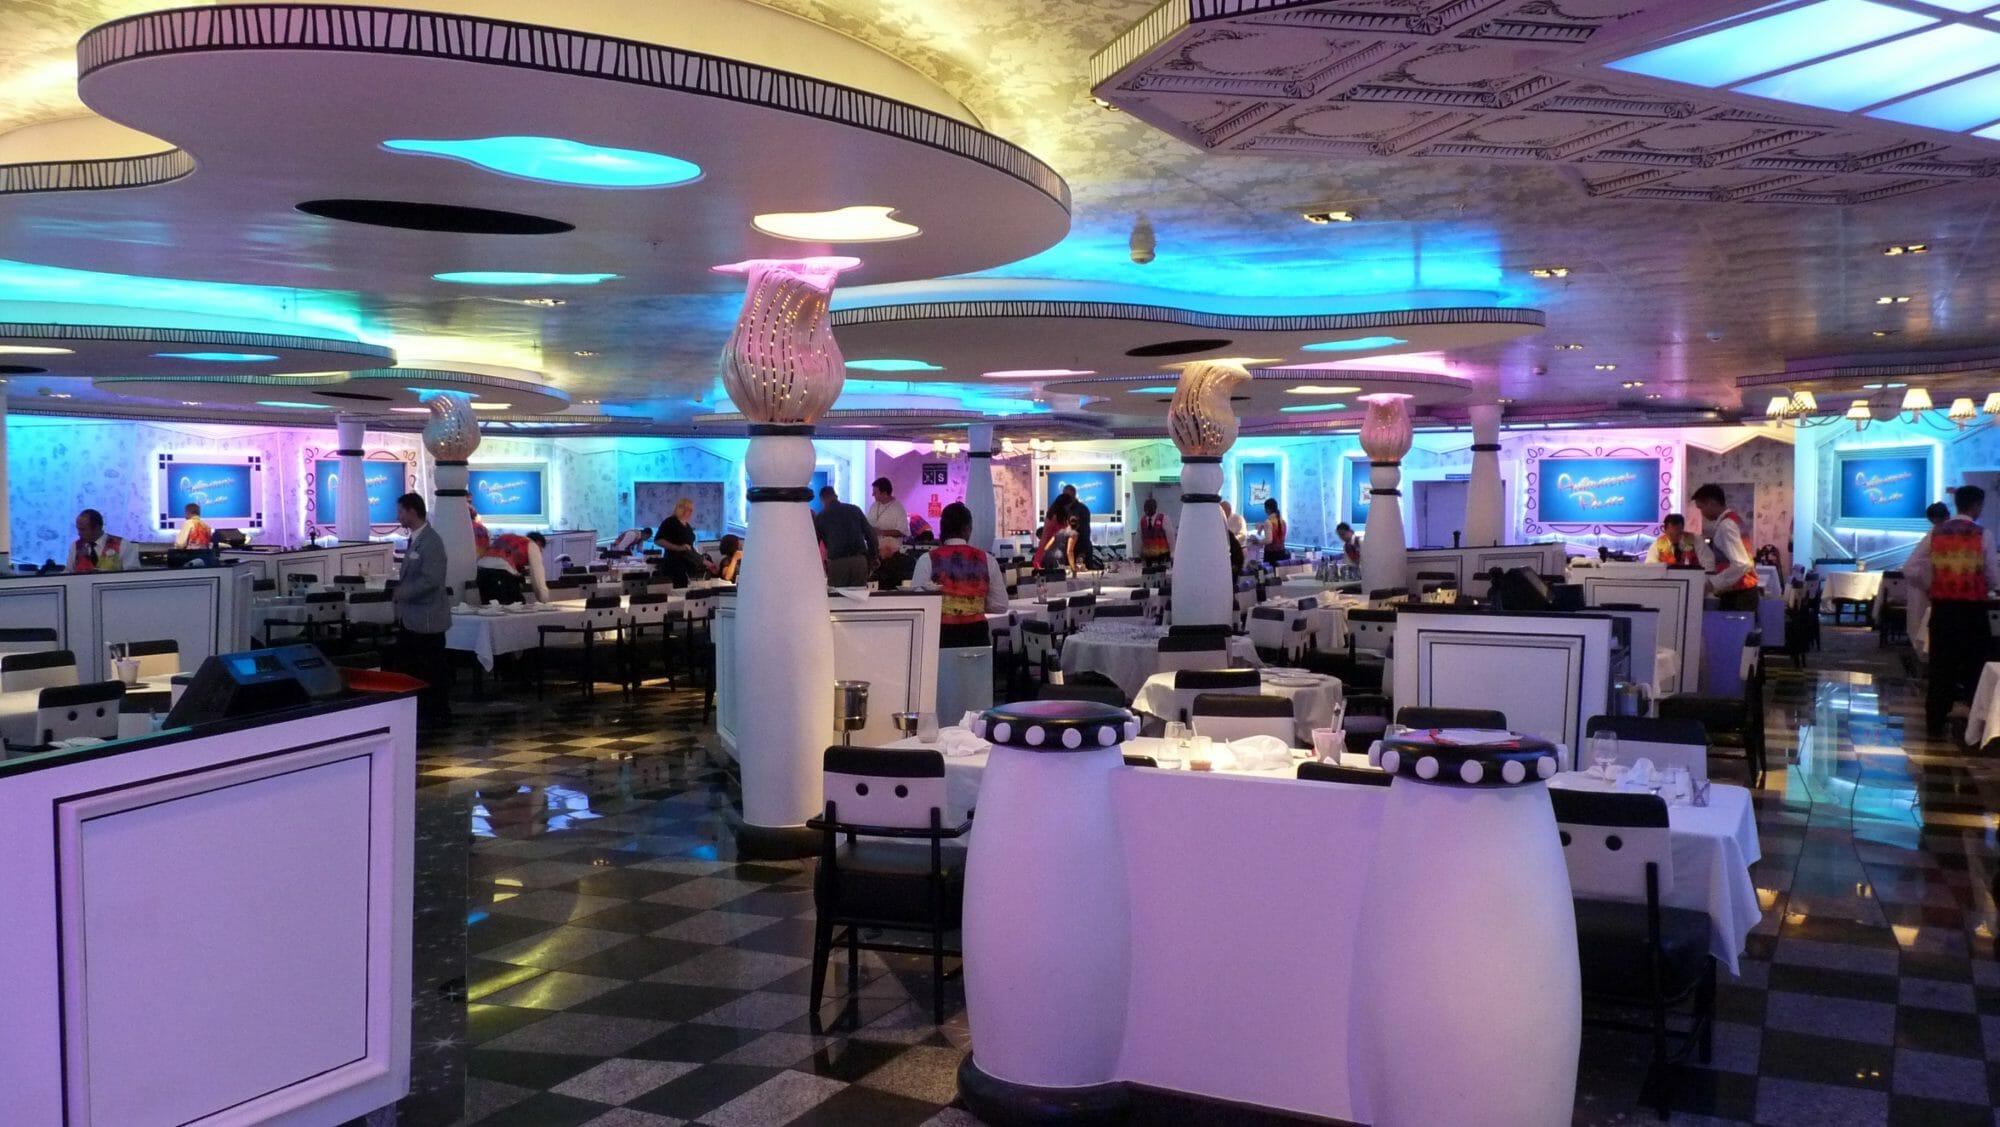 Vista del restaurante Animators Palace en Crucero Disney